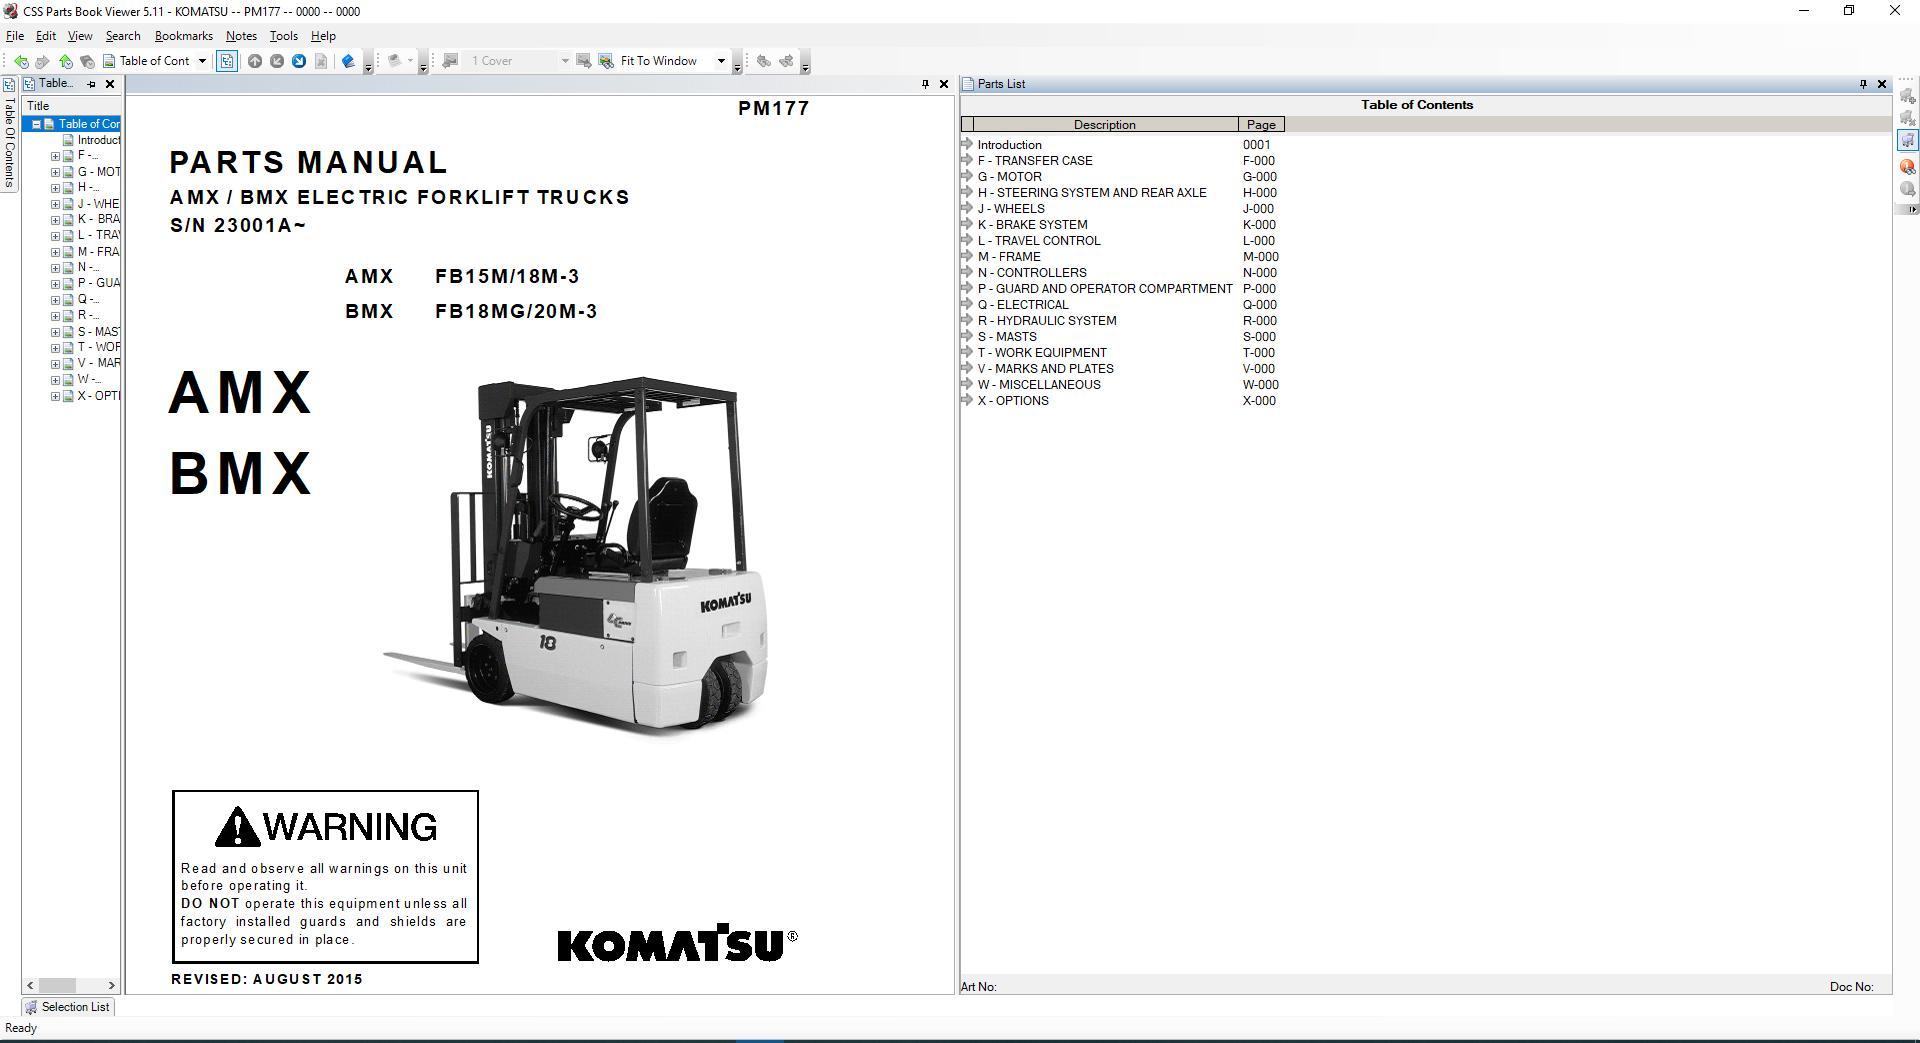 Komatsu_Forklift_USA_CSS_Part_EPC_1020195